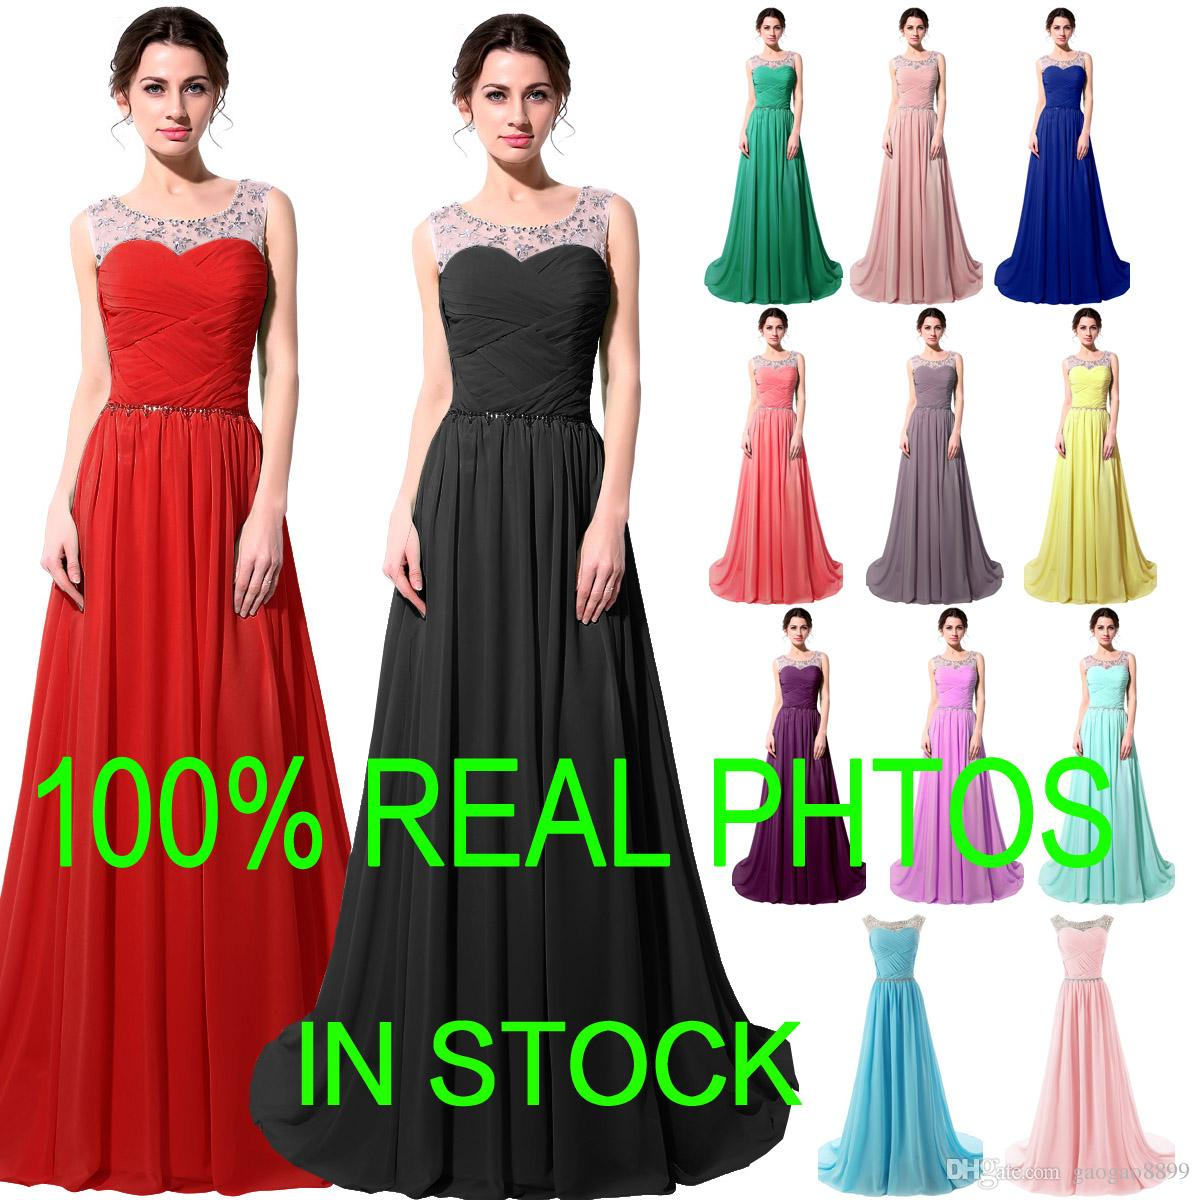 Vestidos de fiesta de noche de cristal de gasa formal real Granos Rosa Menta Rojo Negro Largo Dama de honor Vestidos de fiesta nupciales en stock Tallas grandes